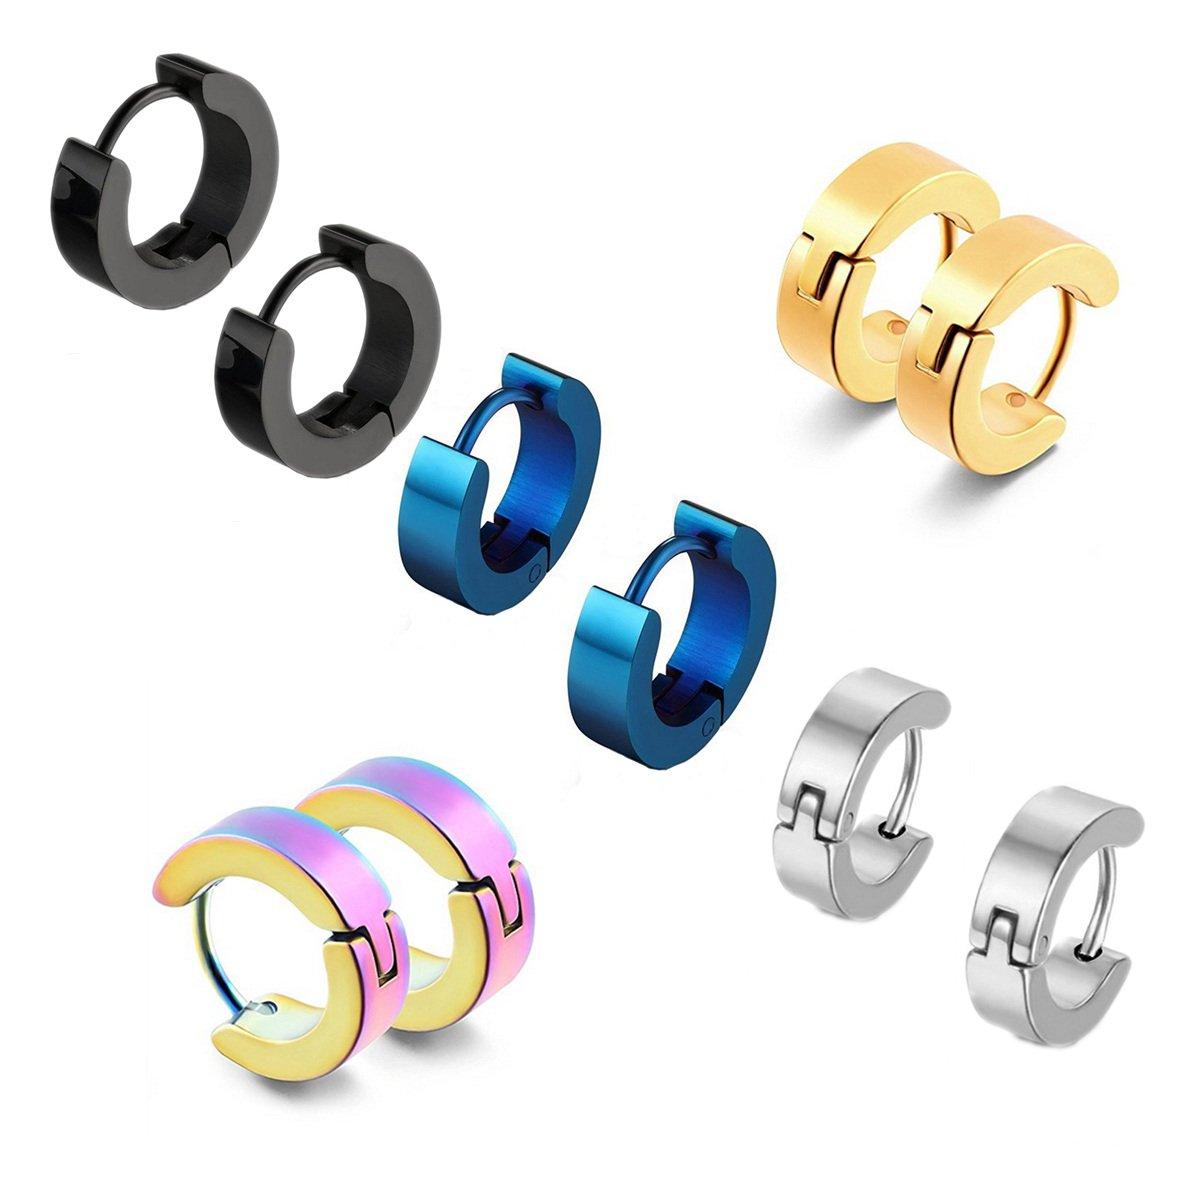 5 Pairs Stainless Steel Hinged Hoop Earrings Huggie Earrings Small